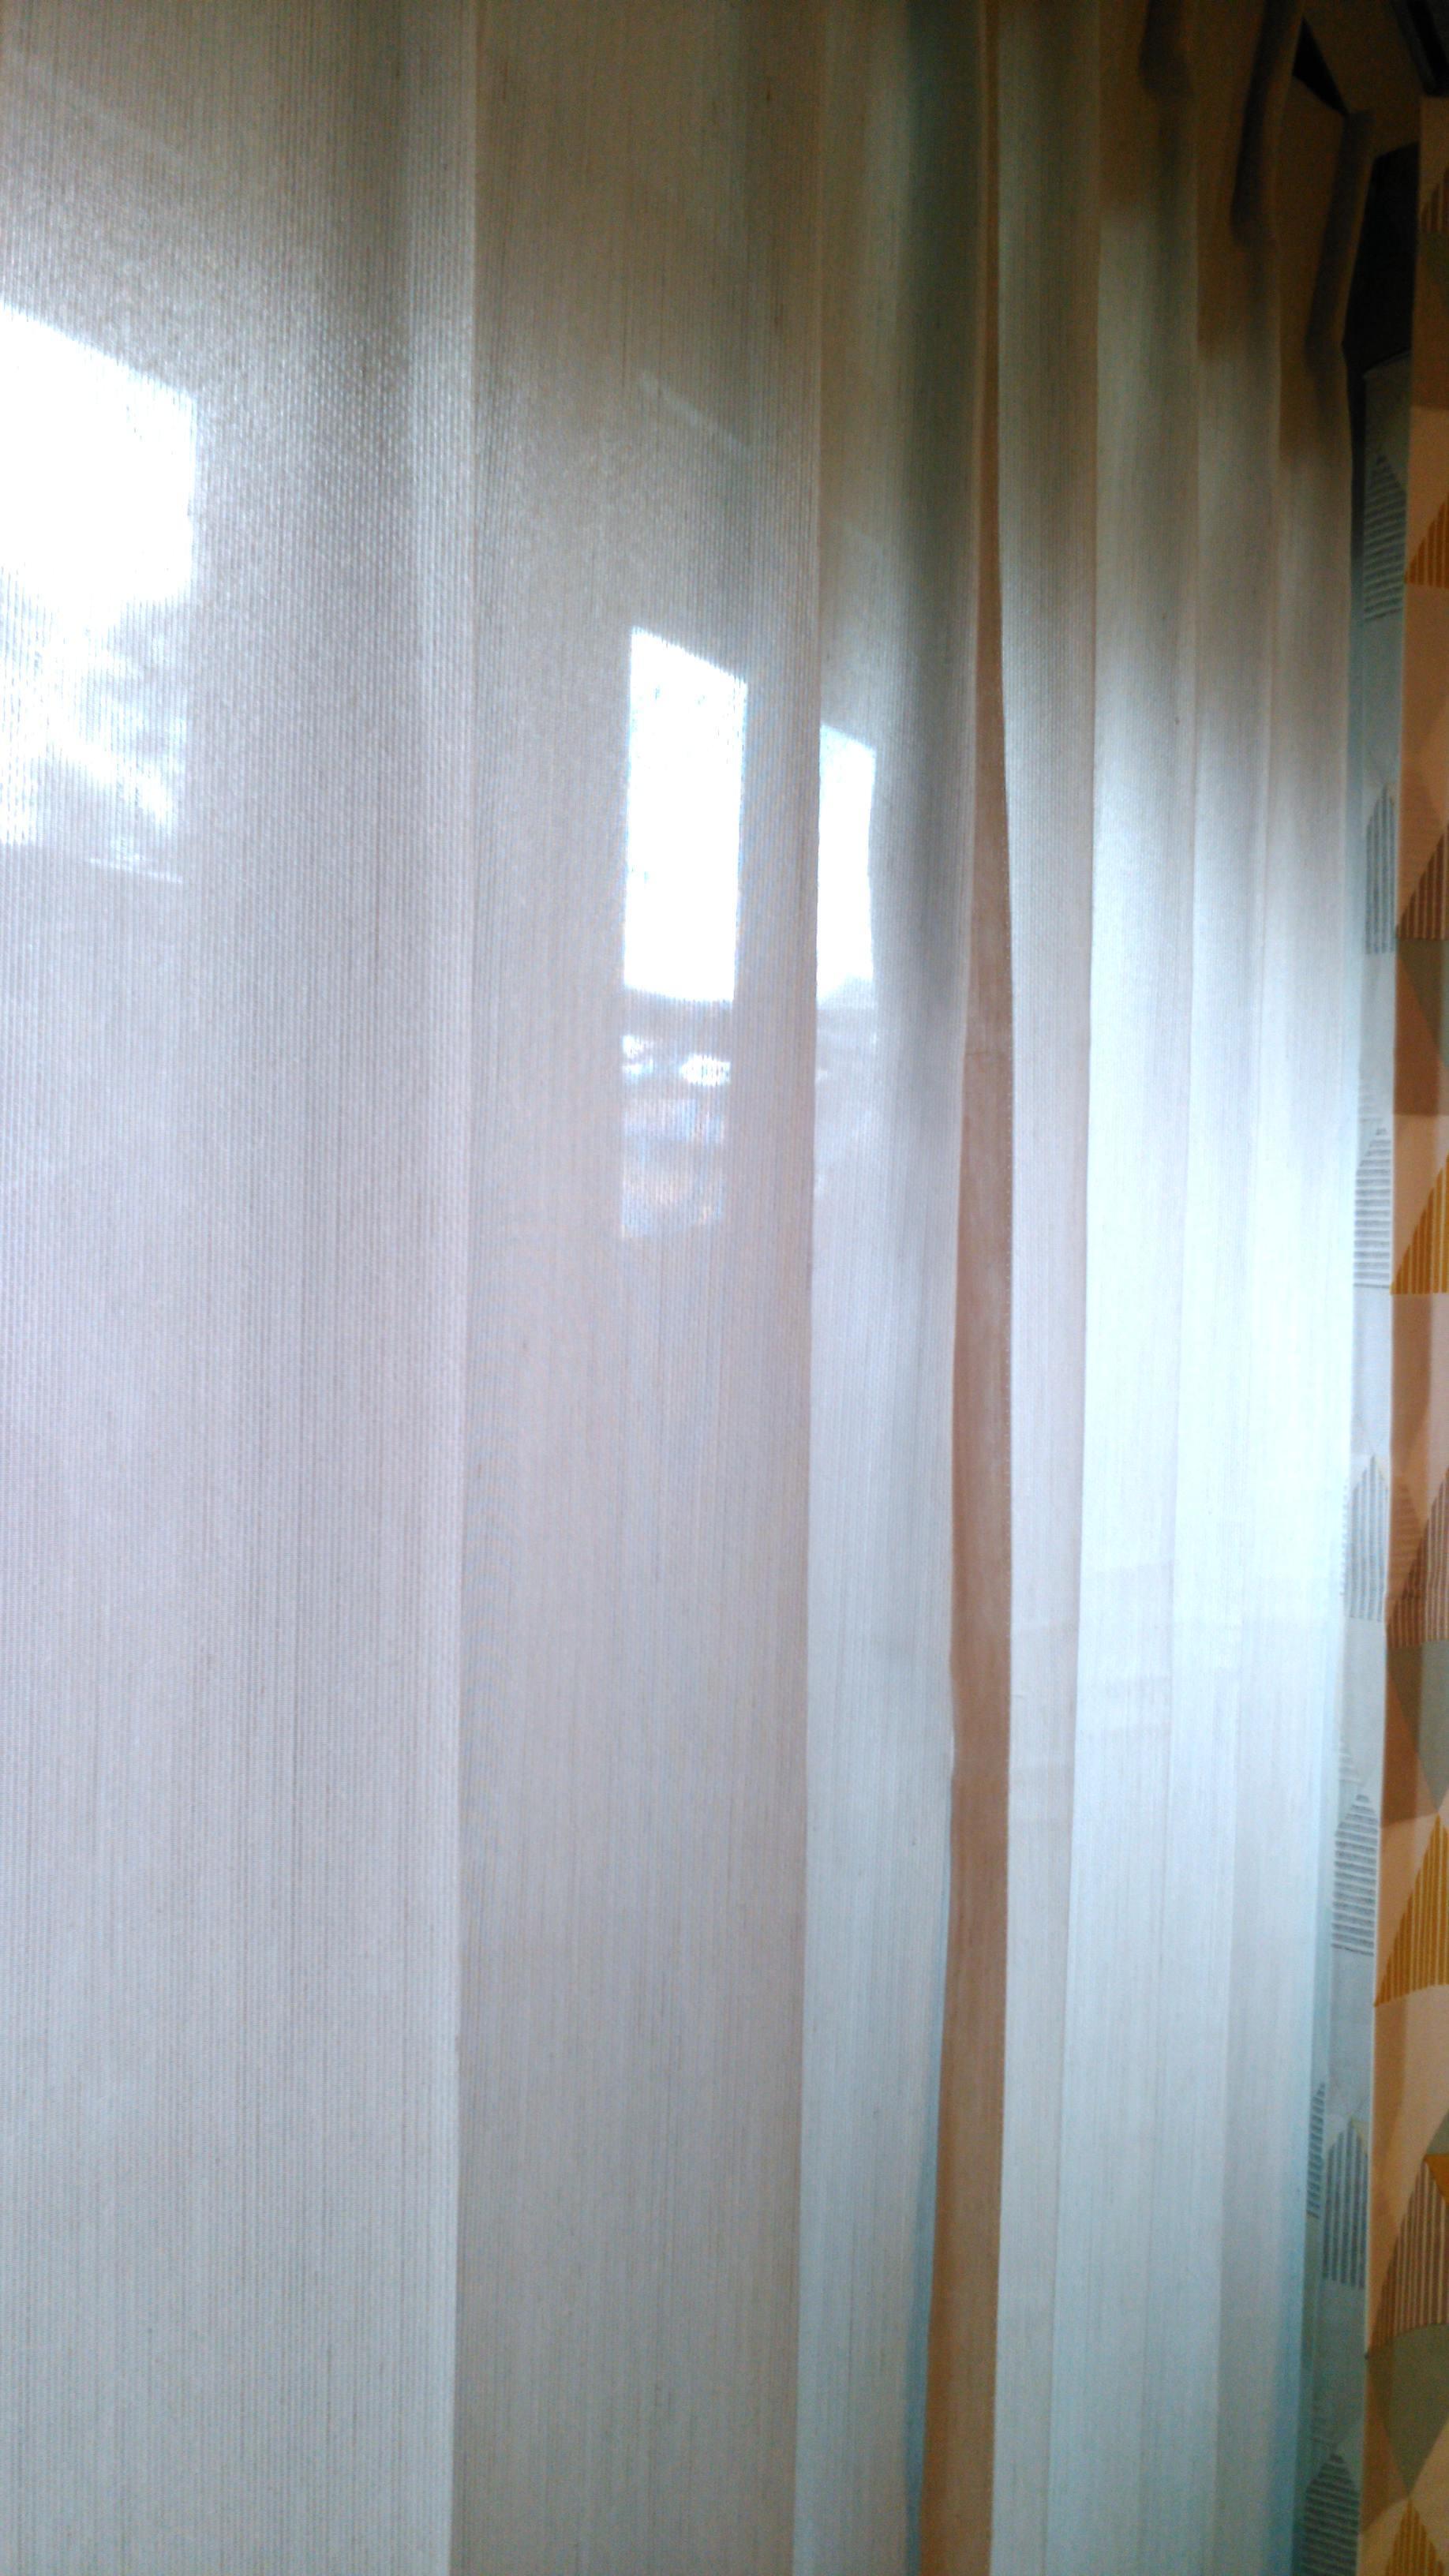 クラーク&クラーク 『STUDIOg/GRAPHICA(グラフィカ)』 カーテン_c0157866_15020347.jpg